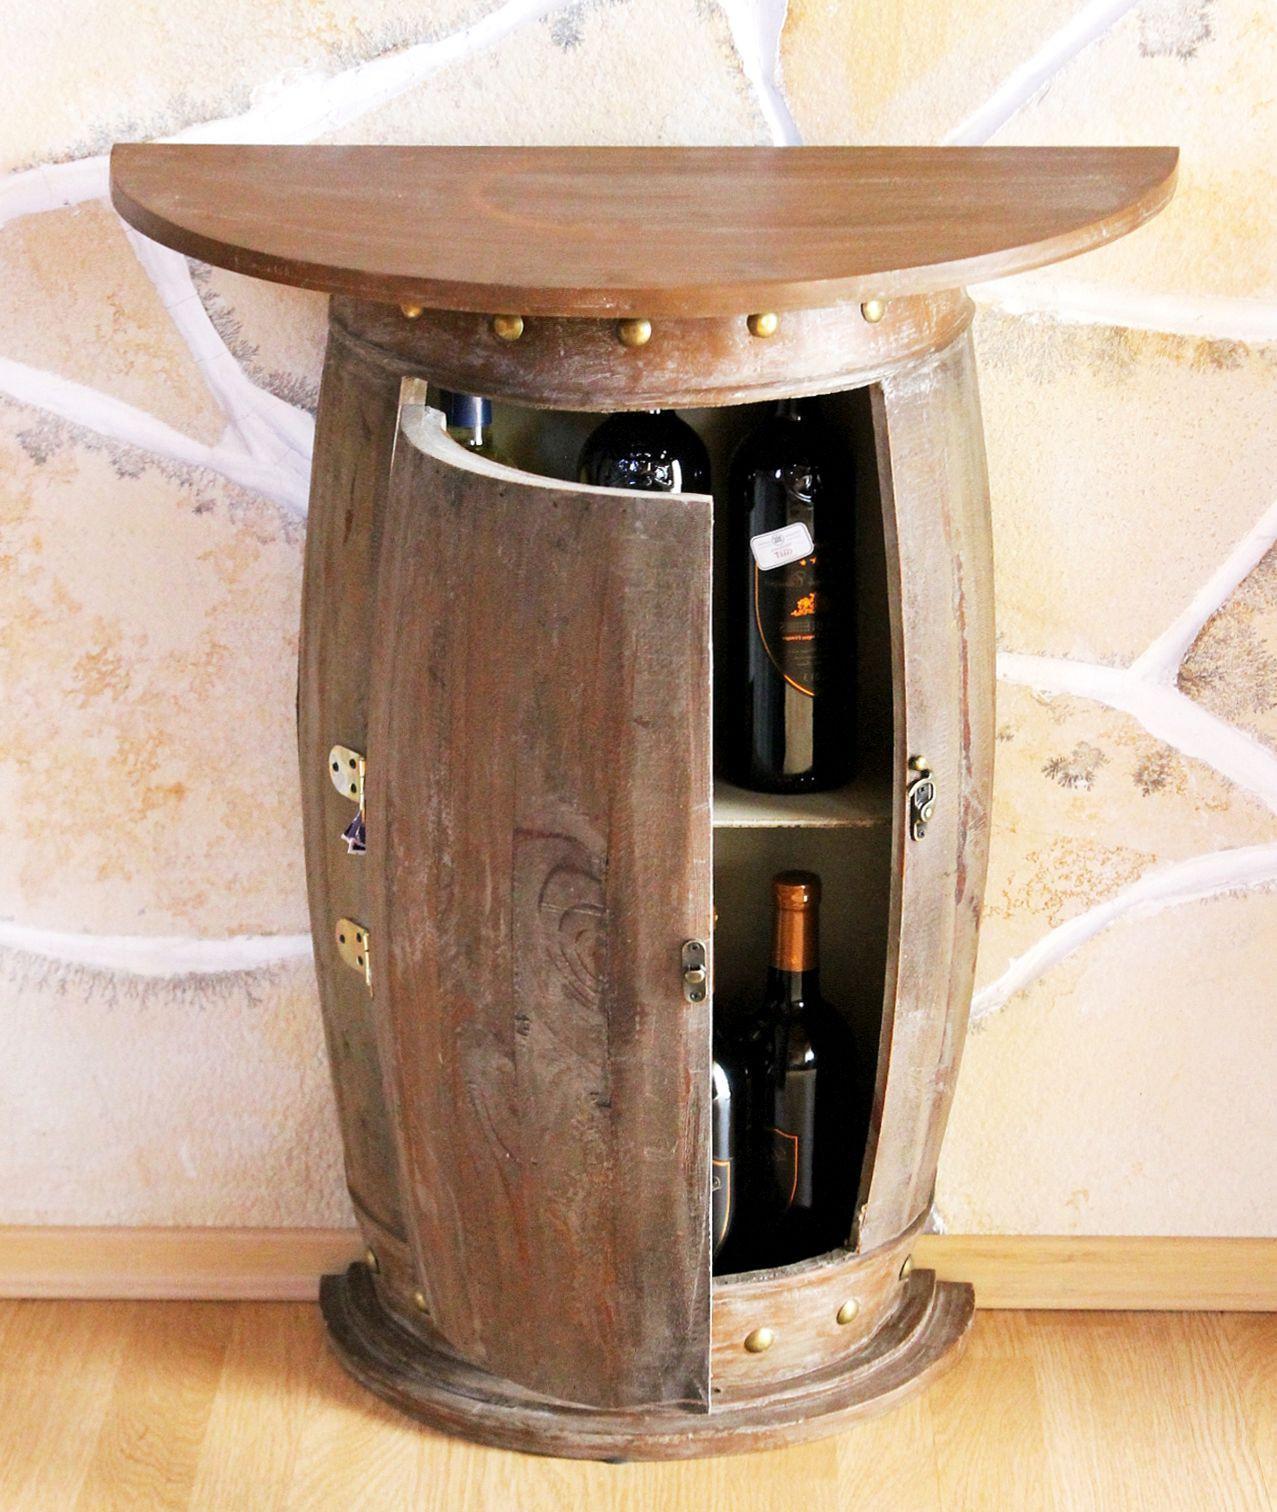 wandtisch tisch weinfass 0373 r braun schrank weinregal fass 73cm beistelltisch kaufen bei. Black Bedroom Furniture Sets. Home Design Ideas